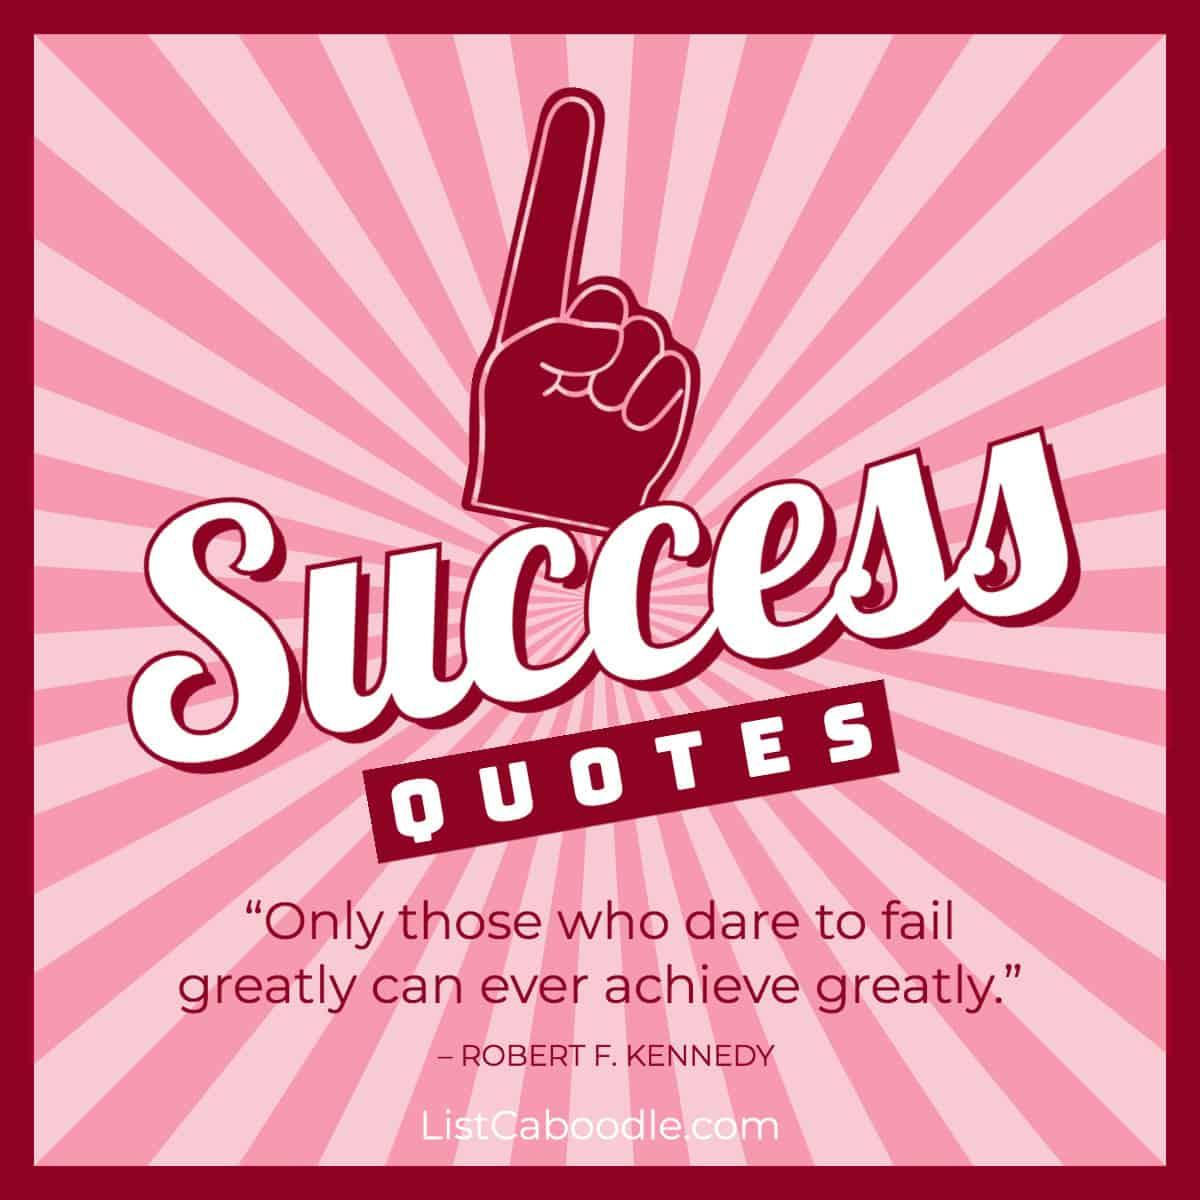 Success quotes image